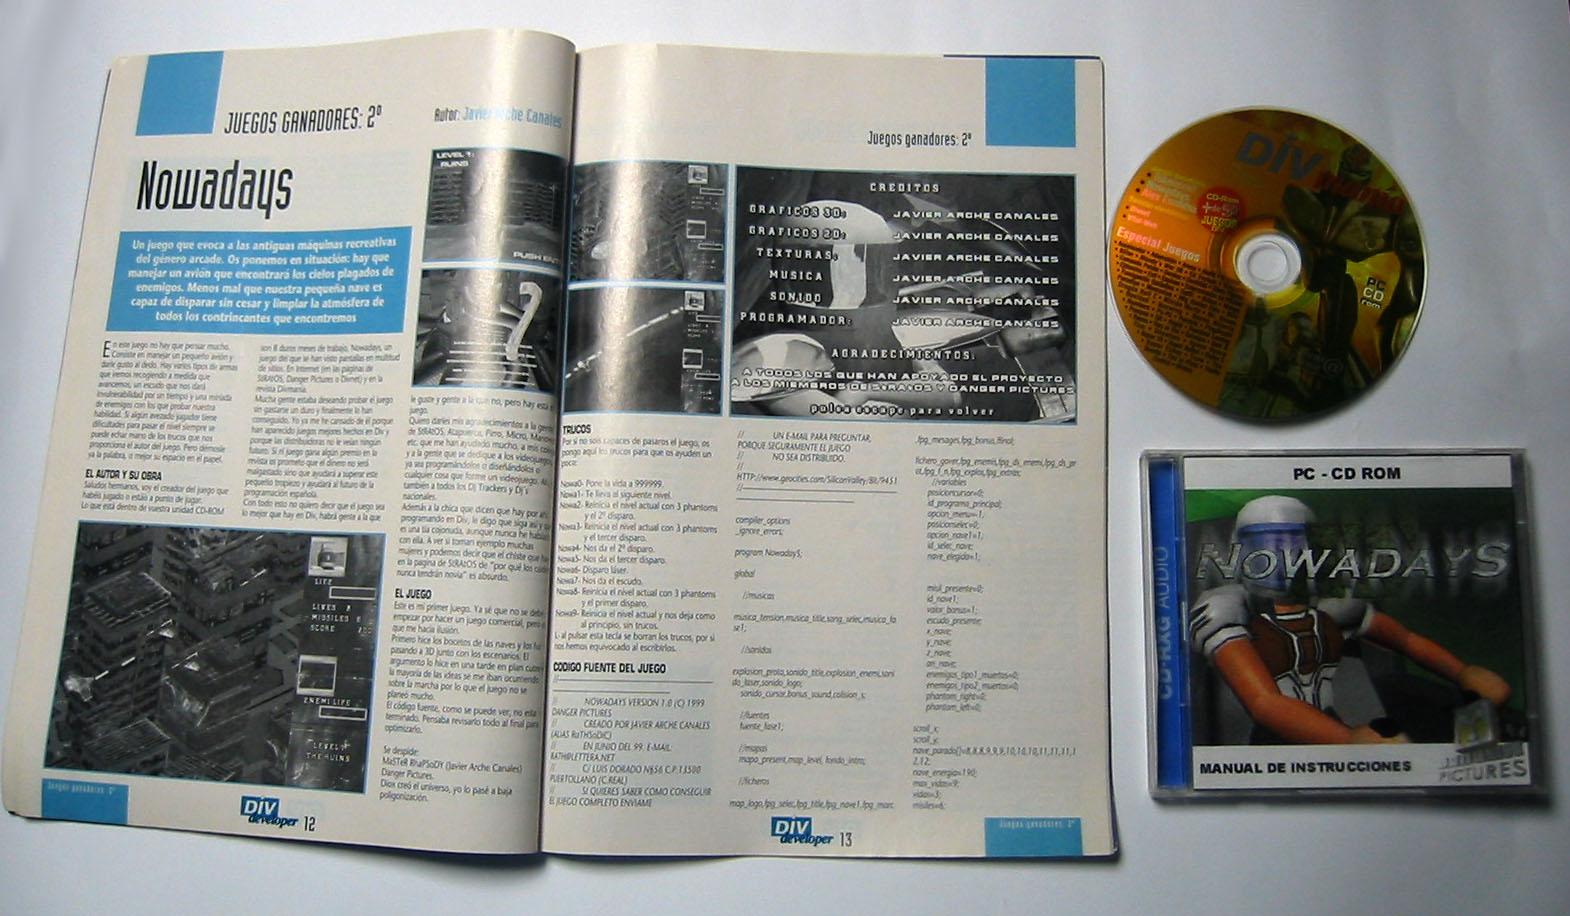 Quiero ser creador de videojuegos div games studio - Div games studio ...